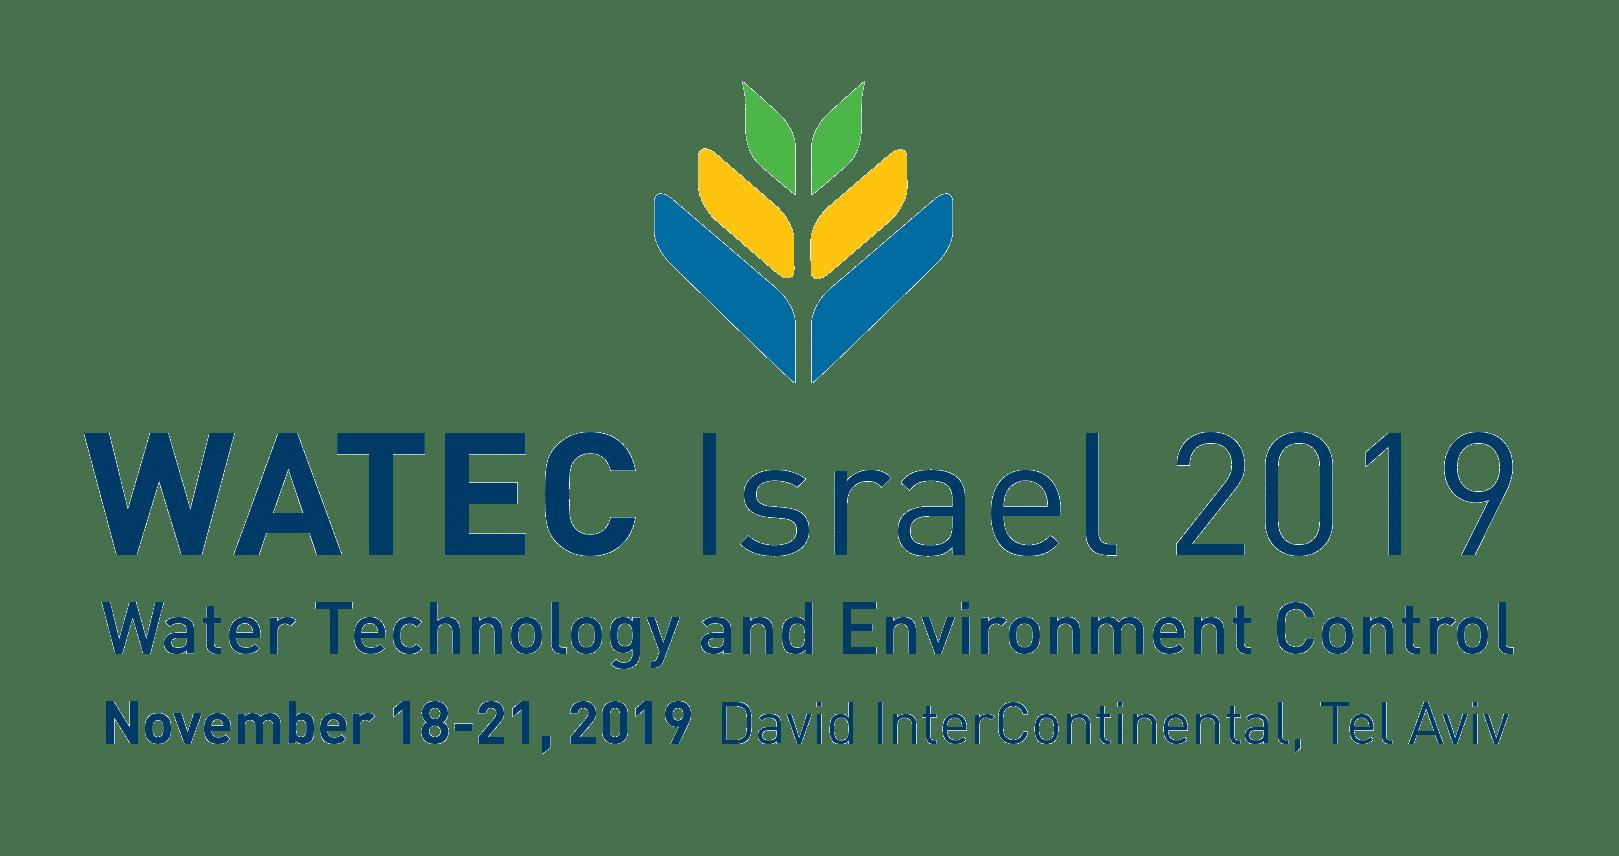 WATEC Israel 2019